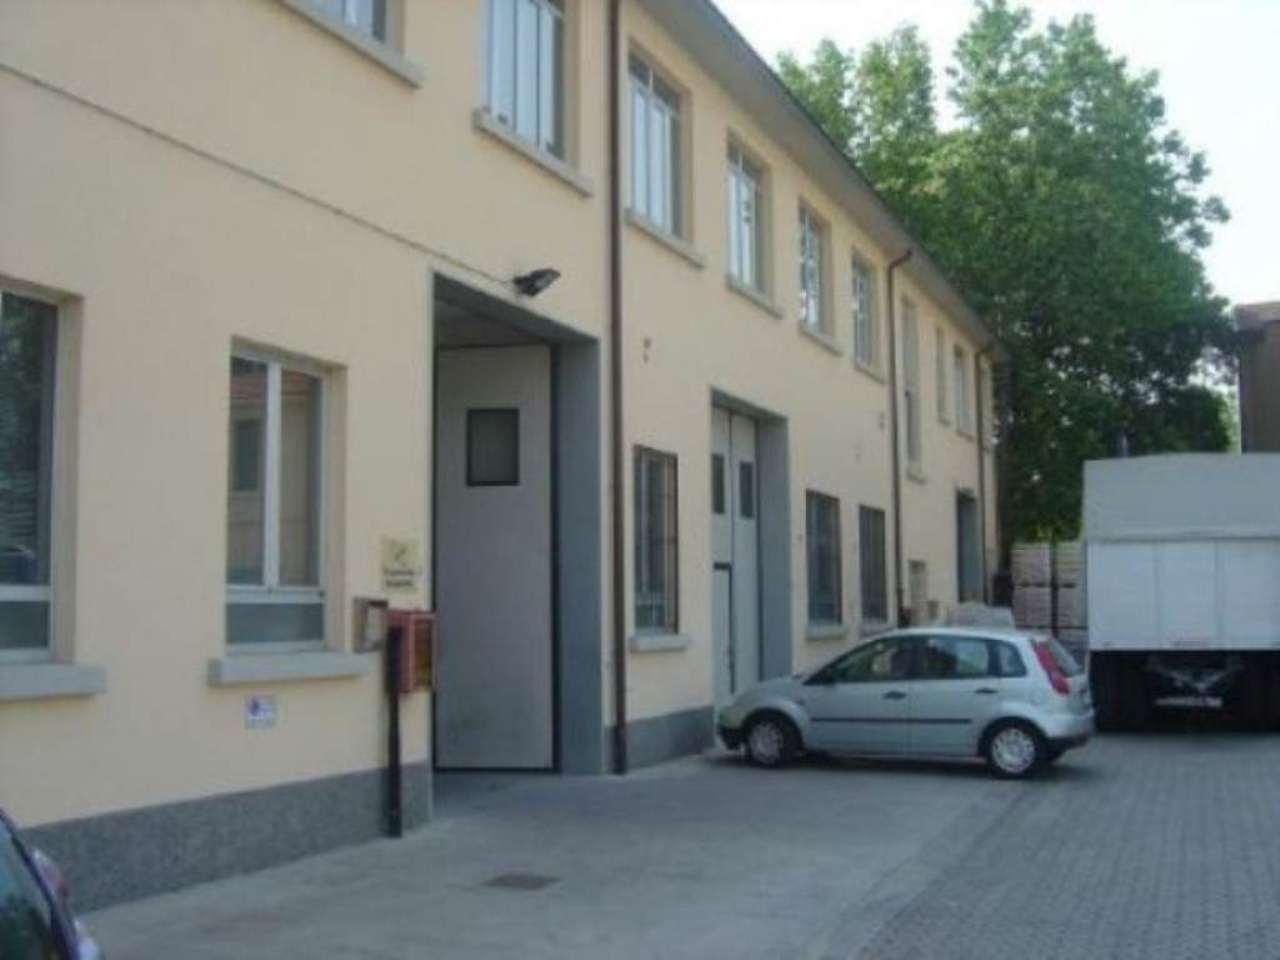 Ufficio / Studio in affitto a Cormano, 6 locali, prezzo € 2.000 | Cambio Casa.it